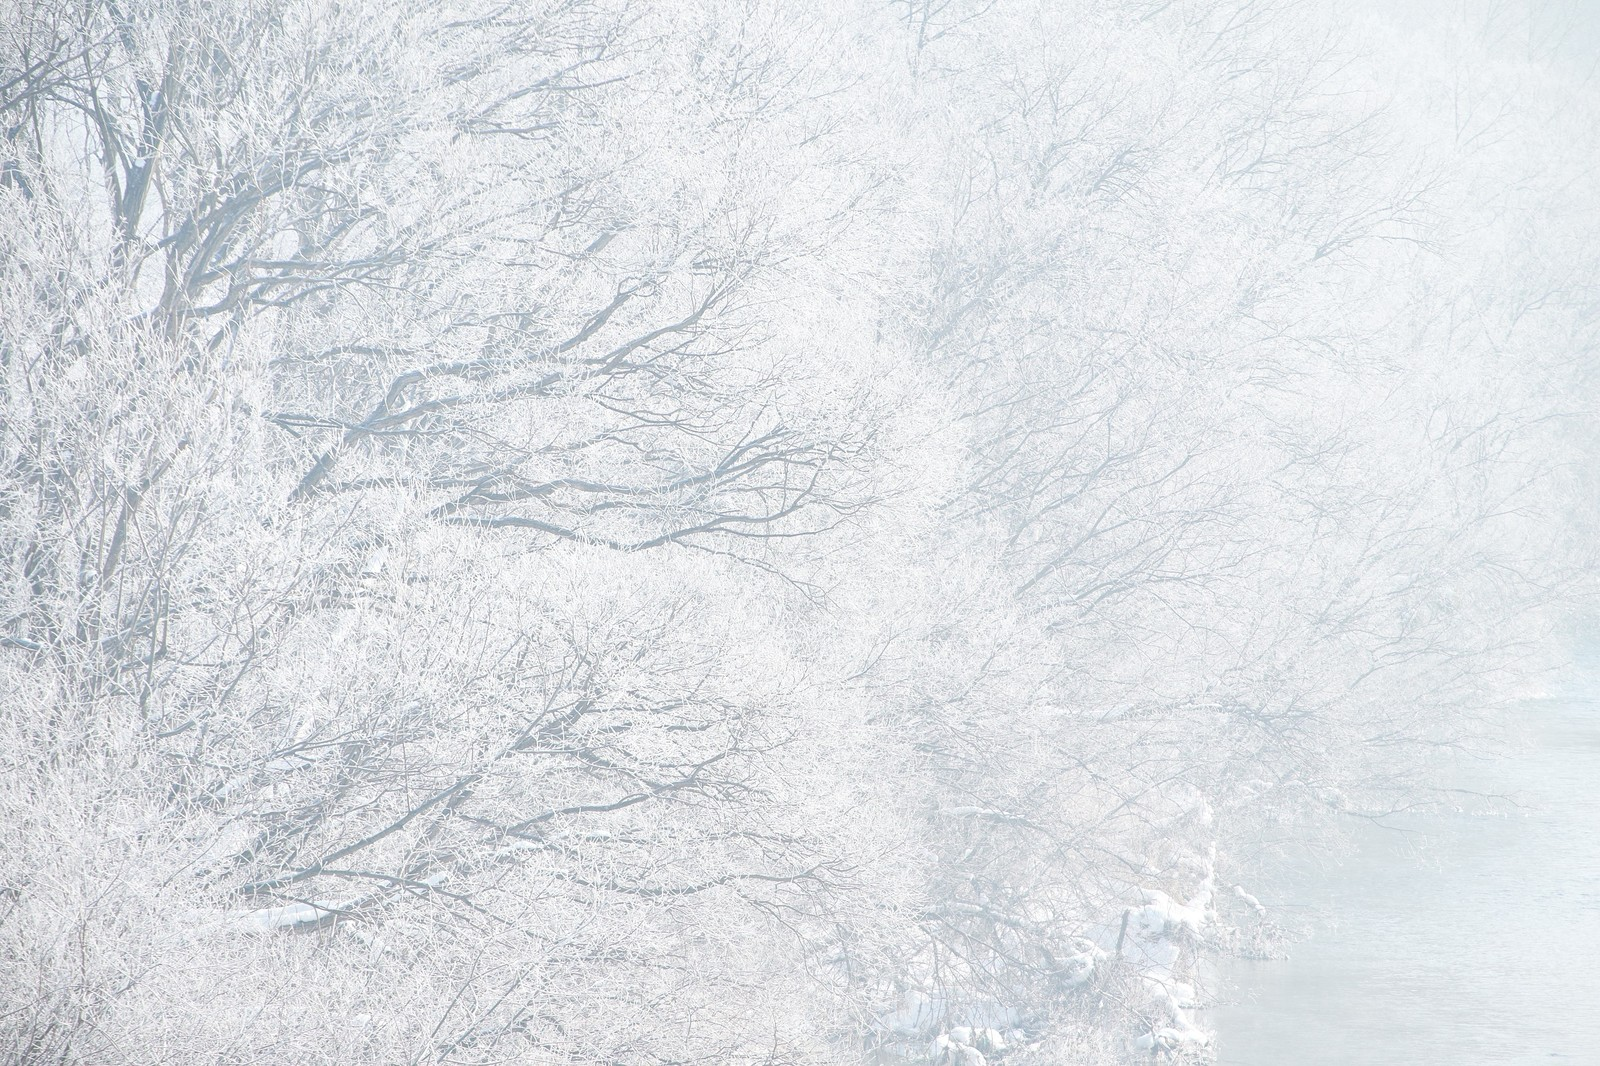 「樹氷」の写真